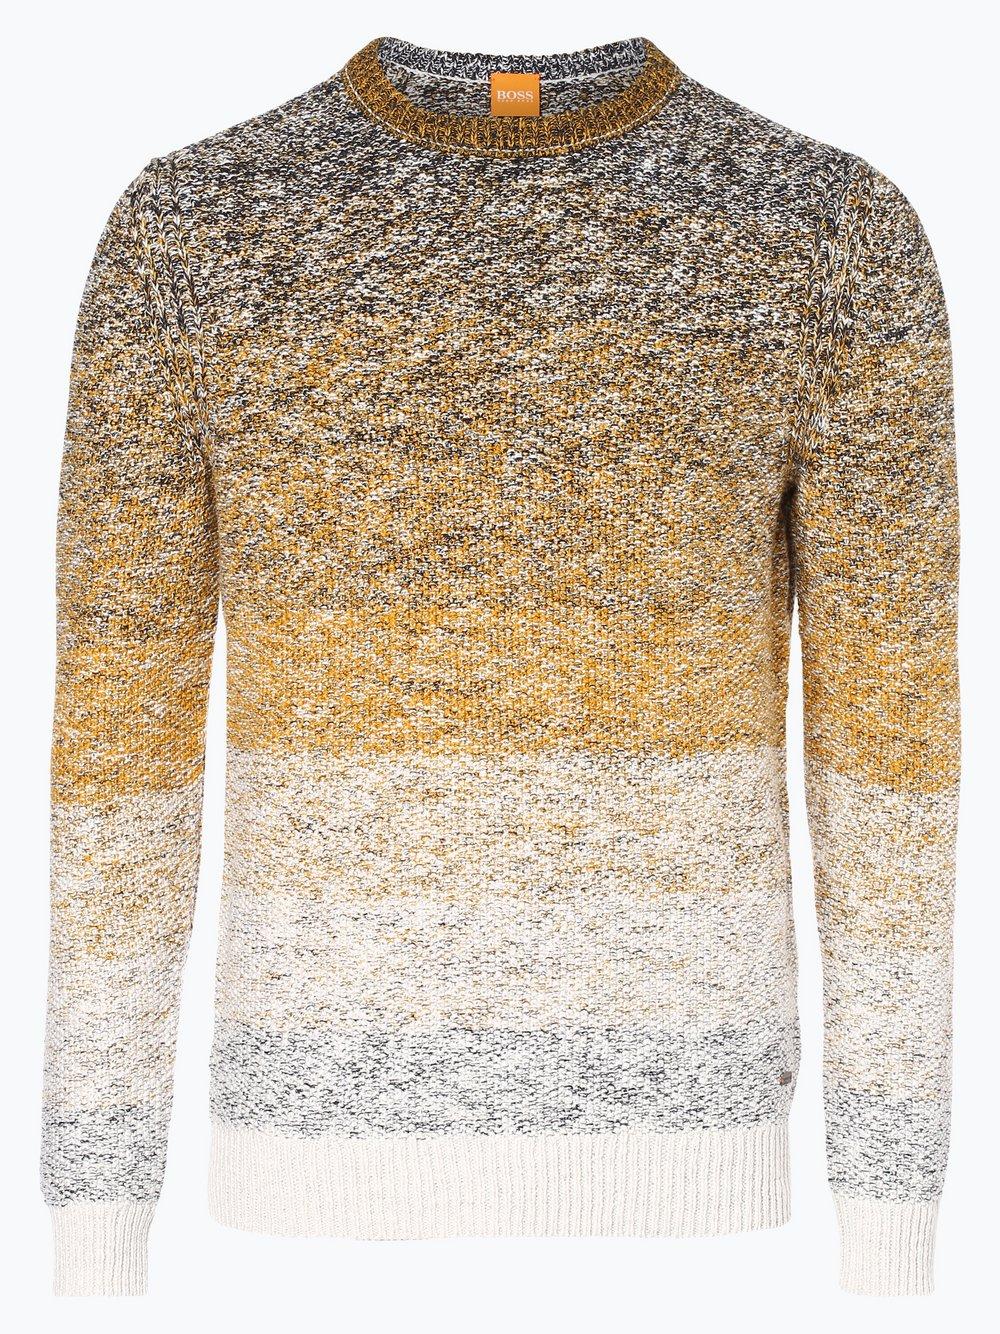 begrenzter Verkauf neueste billiger BOSS Casual Herren Pullover - Arduage online kaufen ...